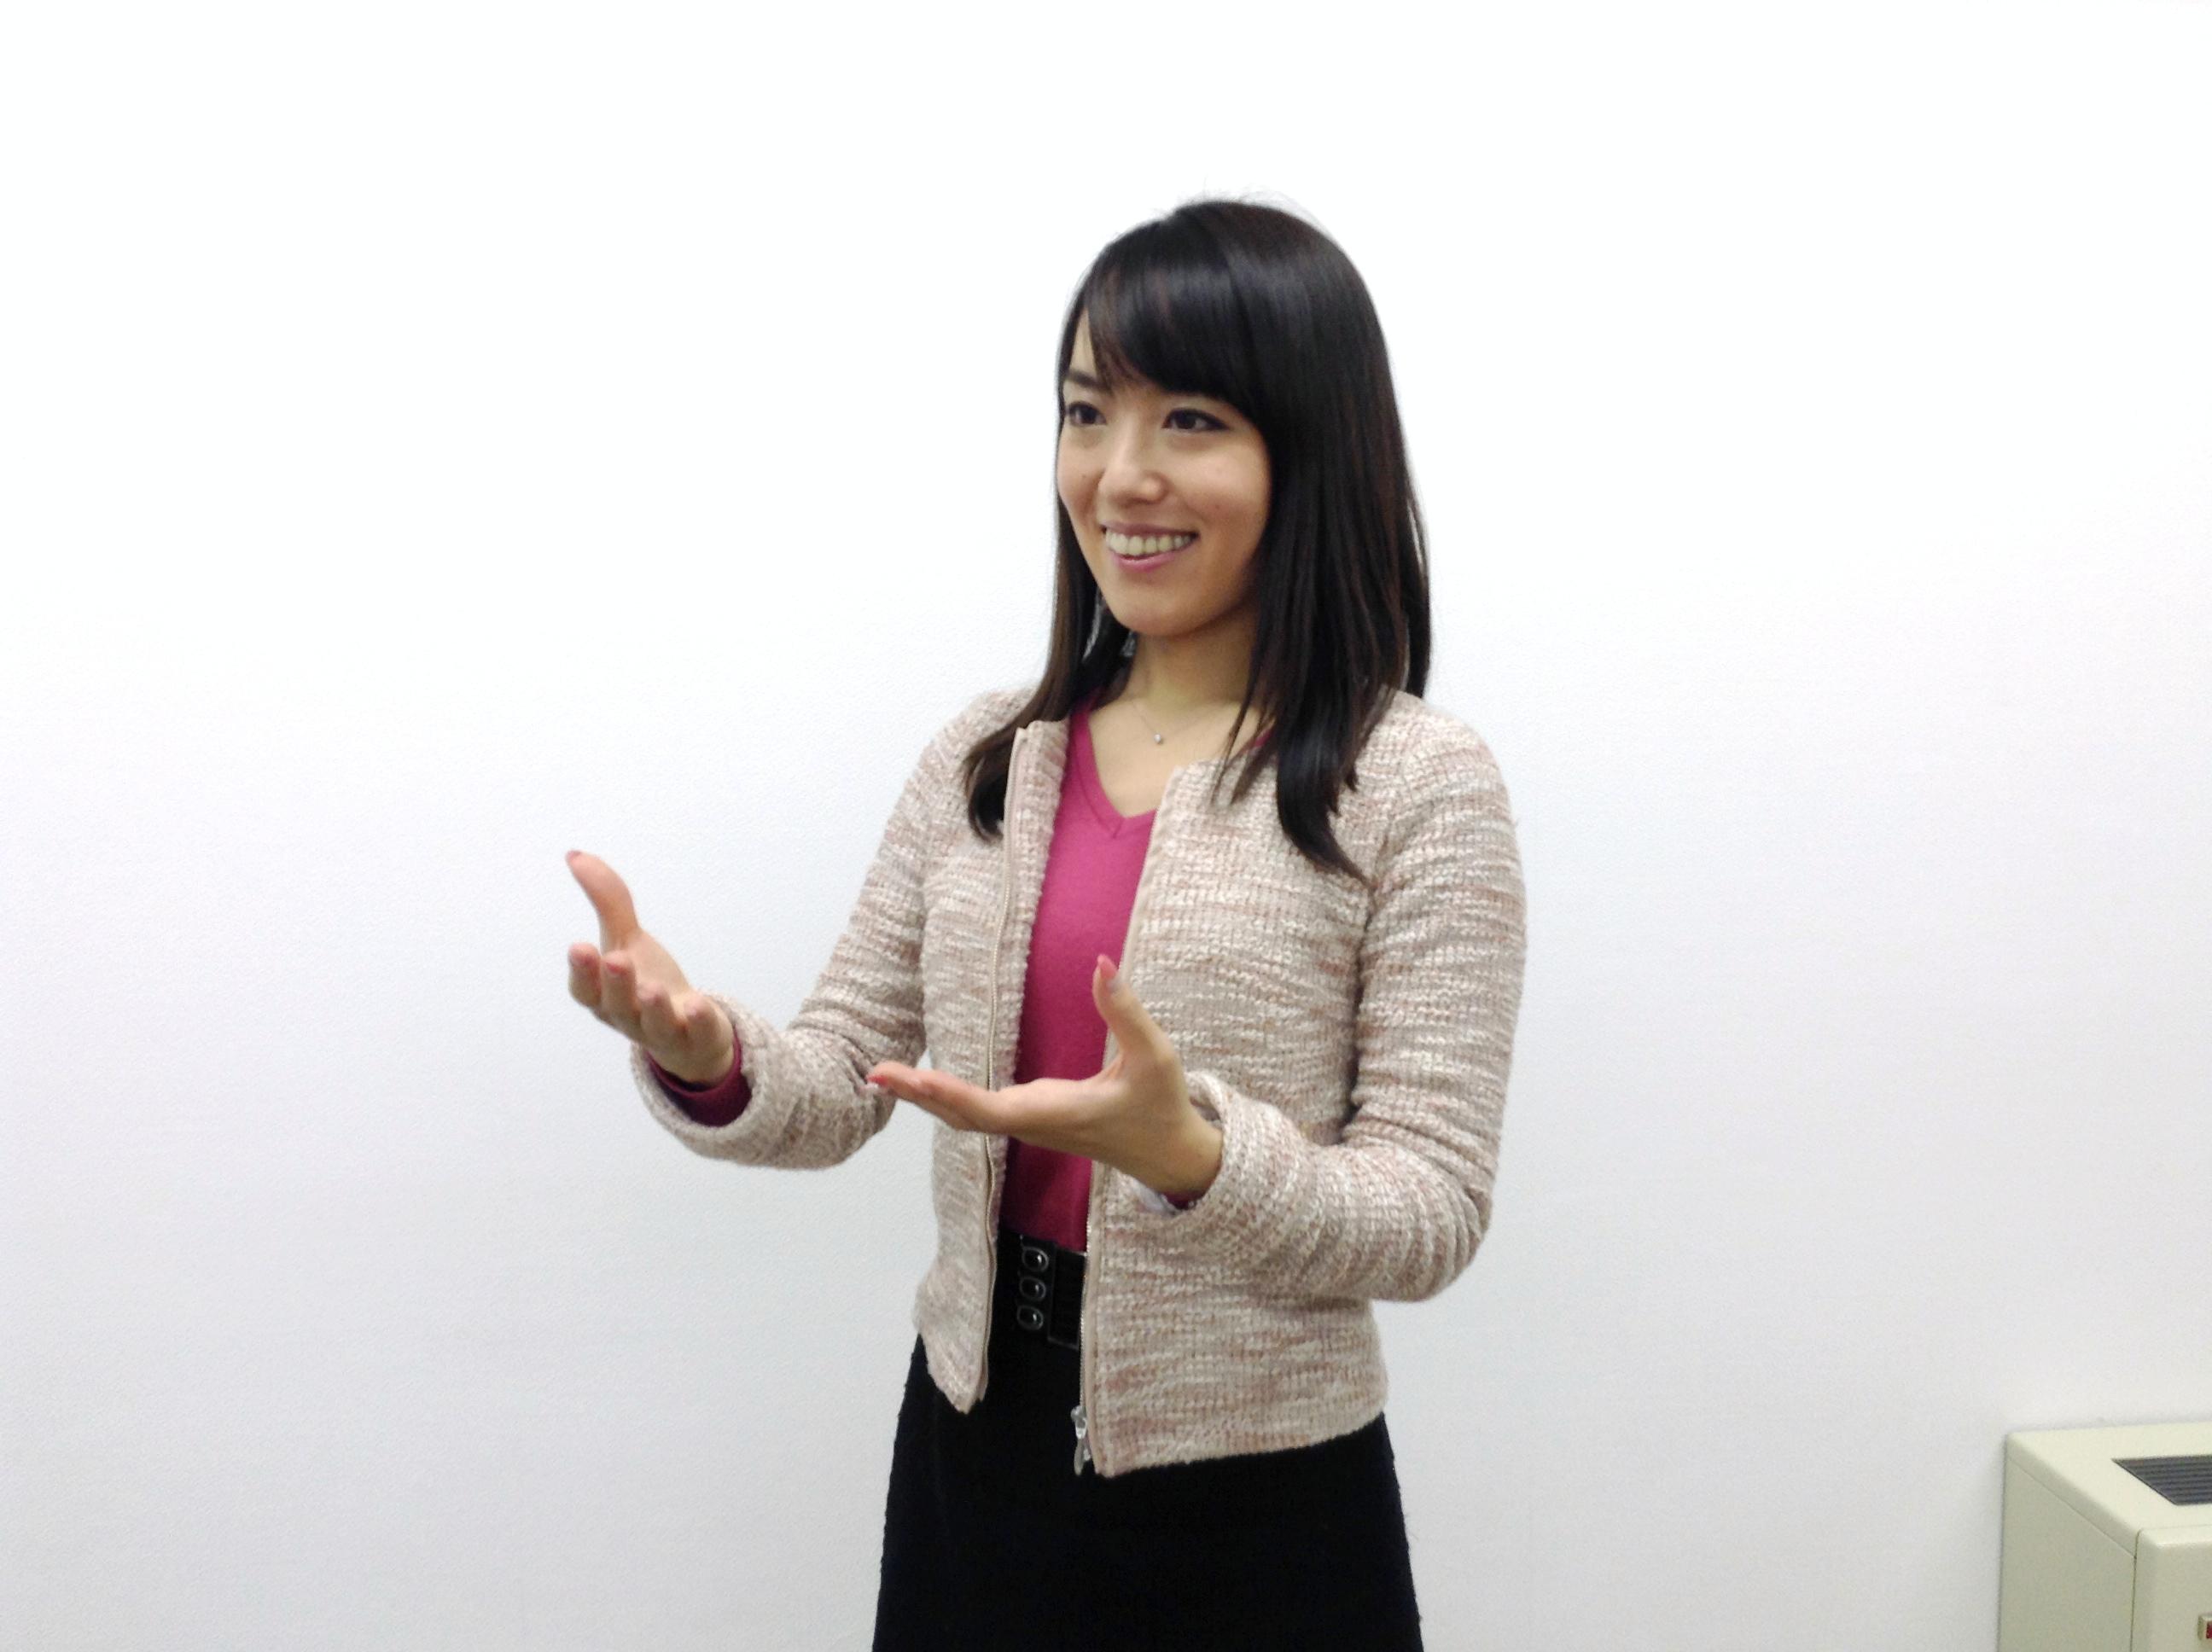 福島美穂 中小企業診断士 単価向上 価値向上セミナー